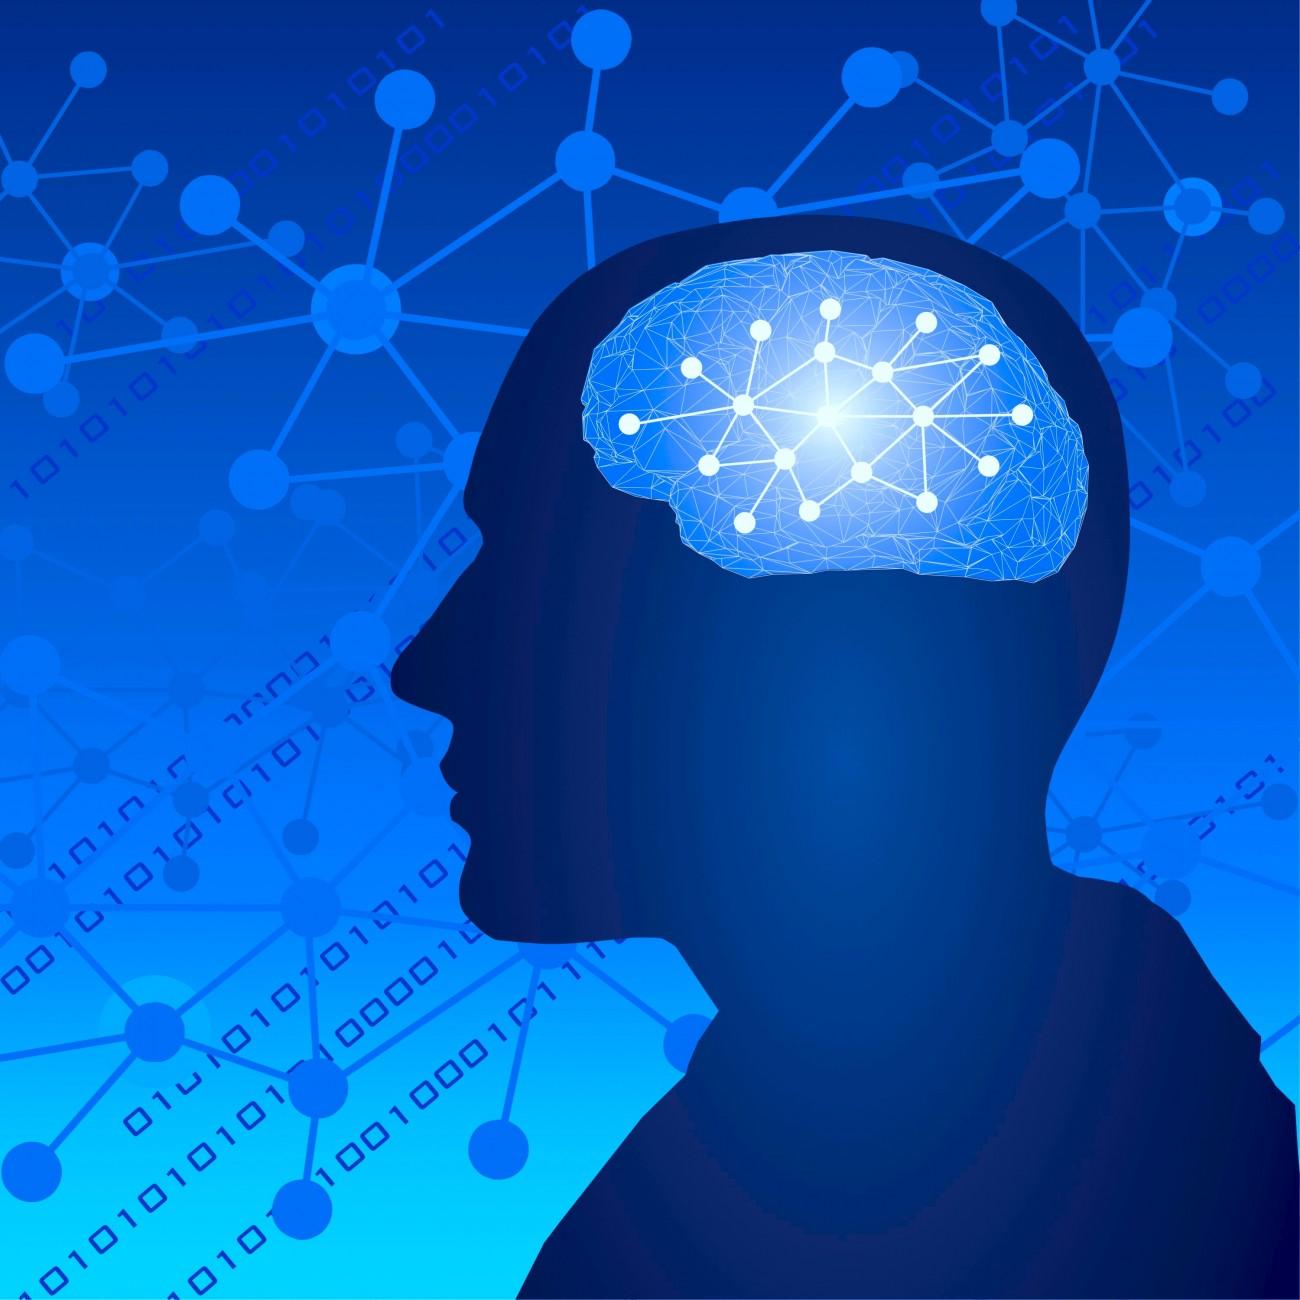 心と栄養素の関係─1 神経伝達物質って何?